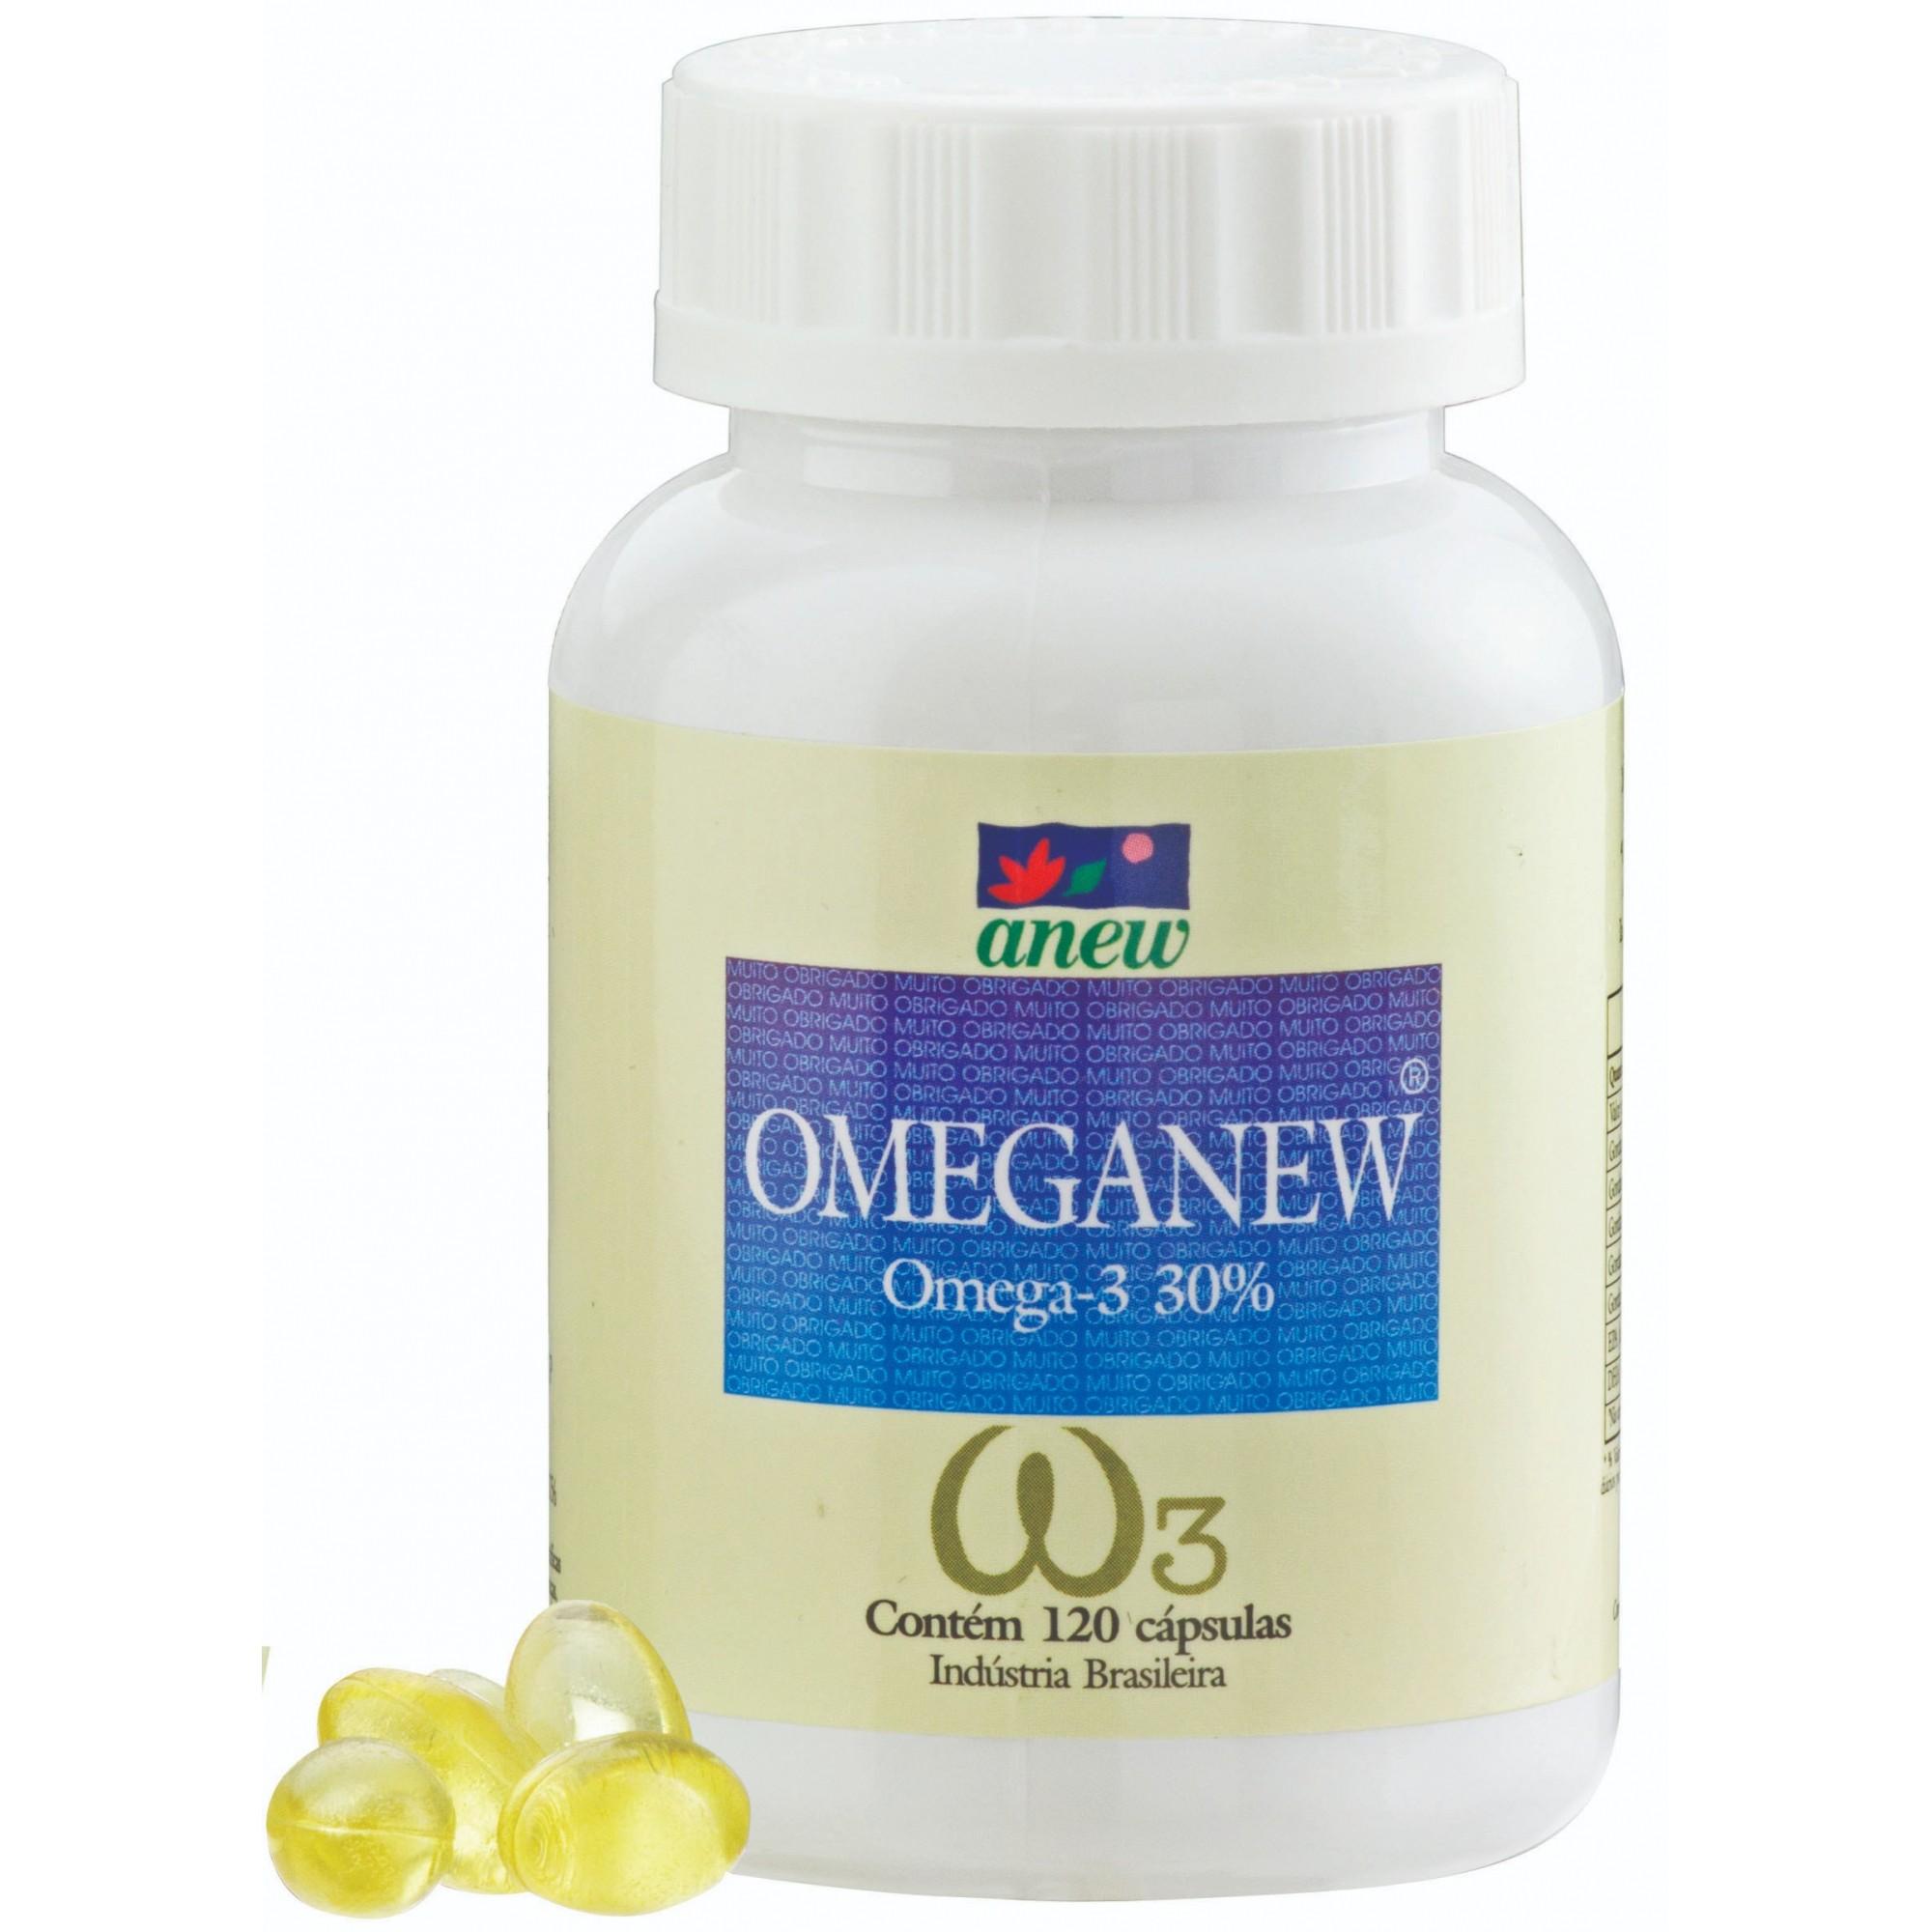 Omeganew - Ômega 3 Anew 120 cáps